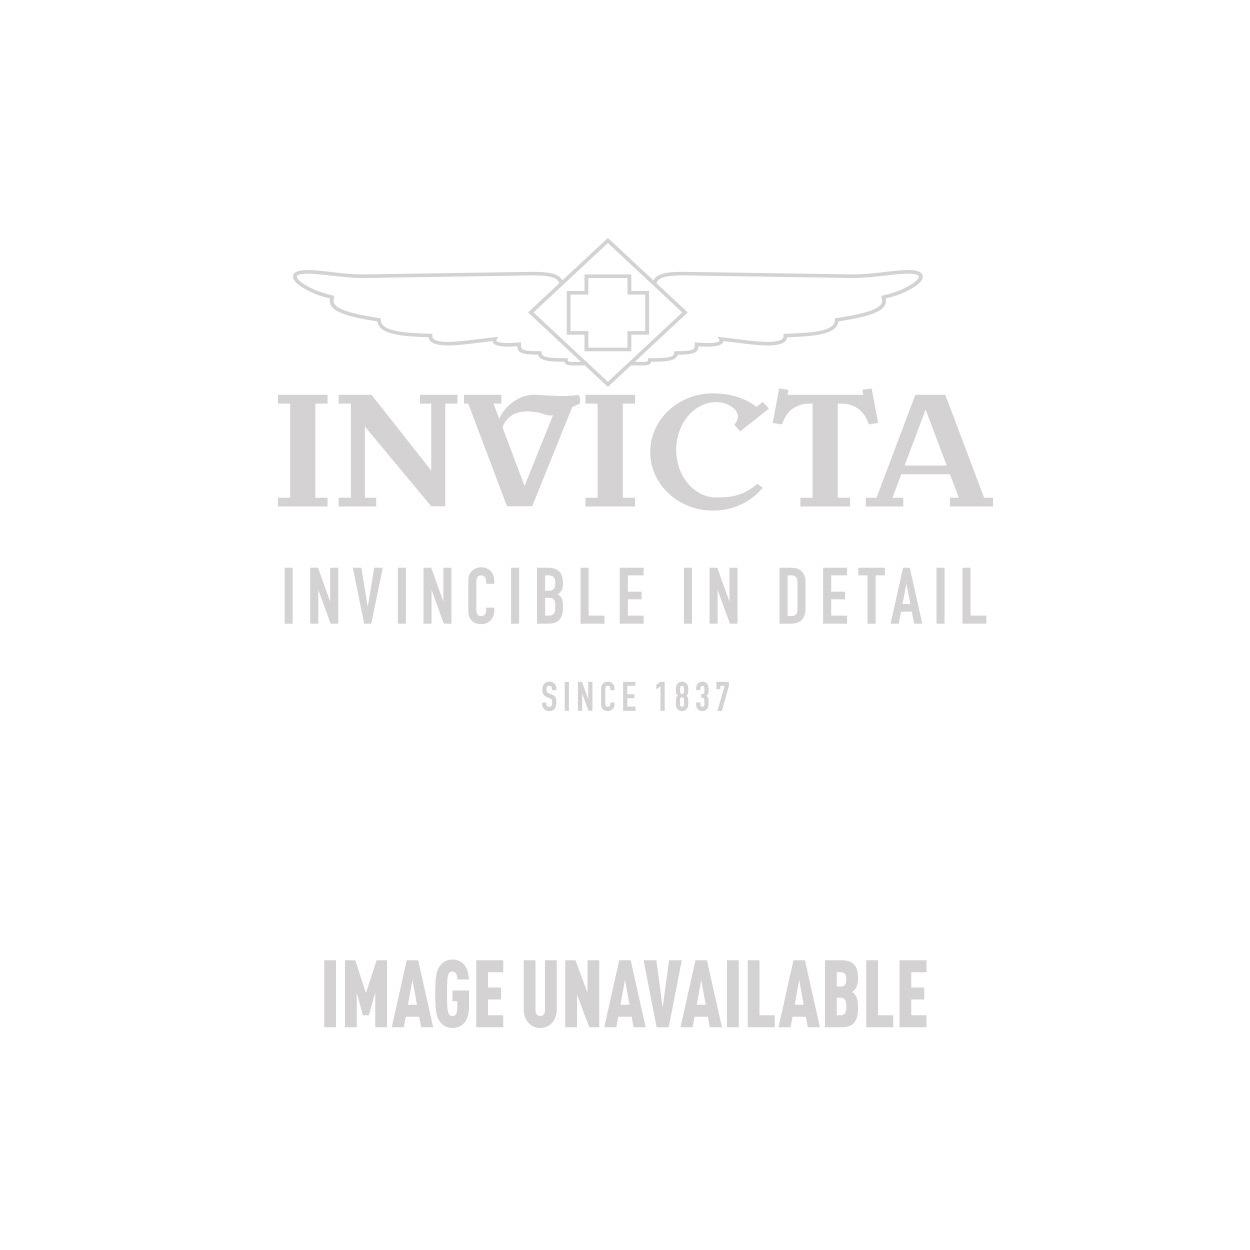 Invicta Model 27405